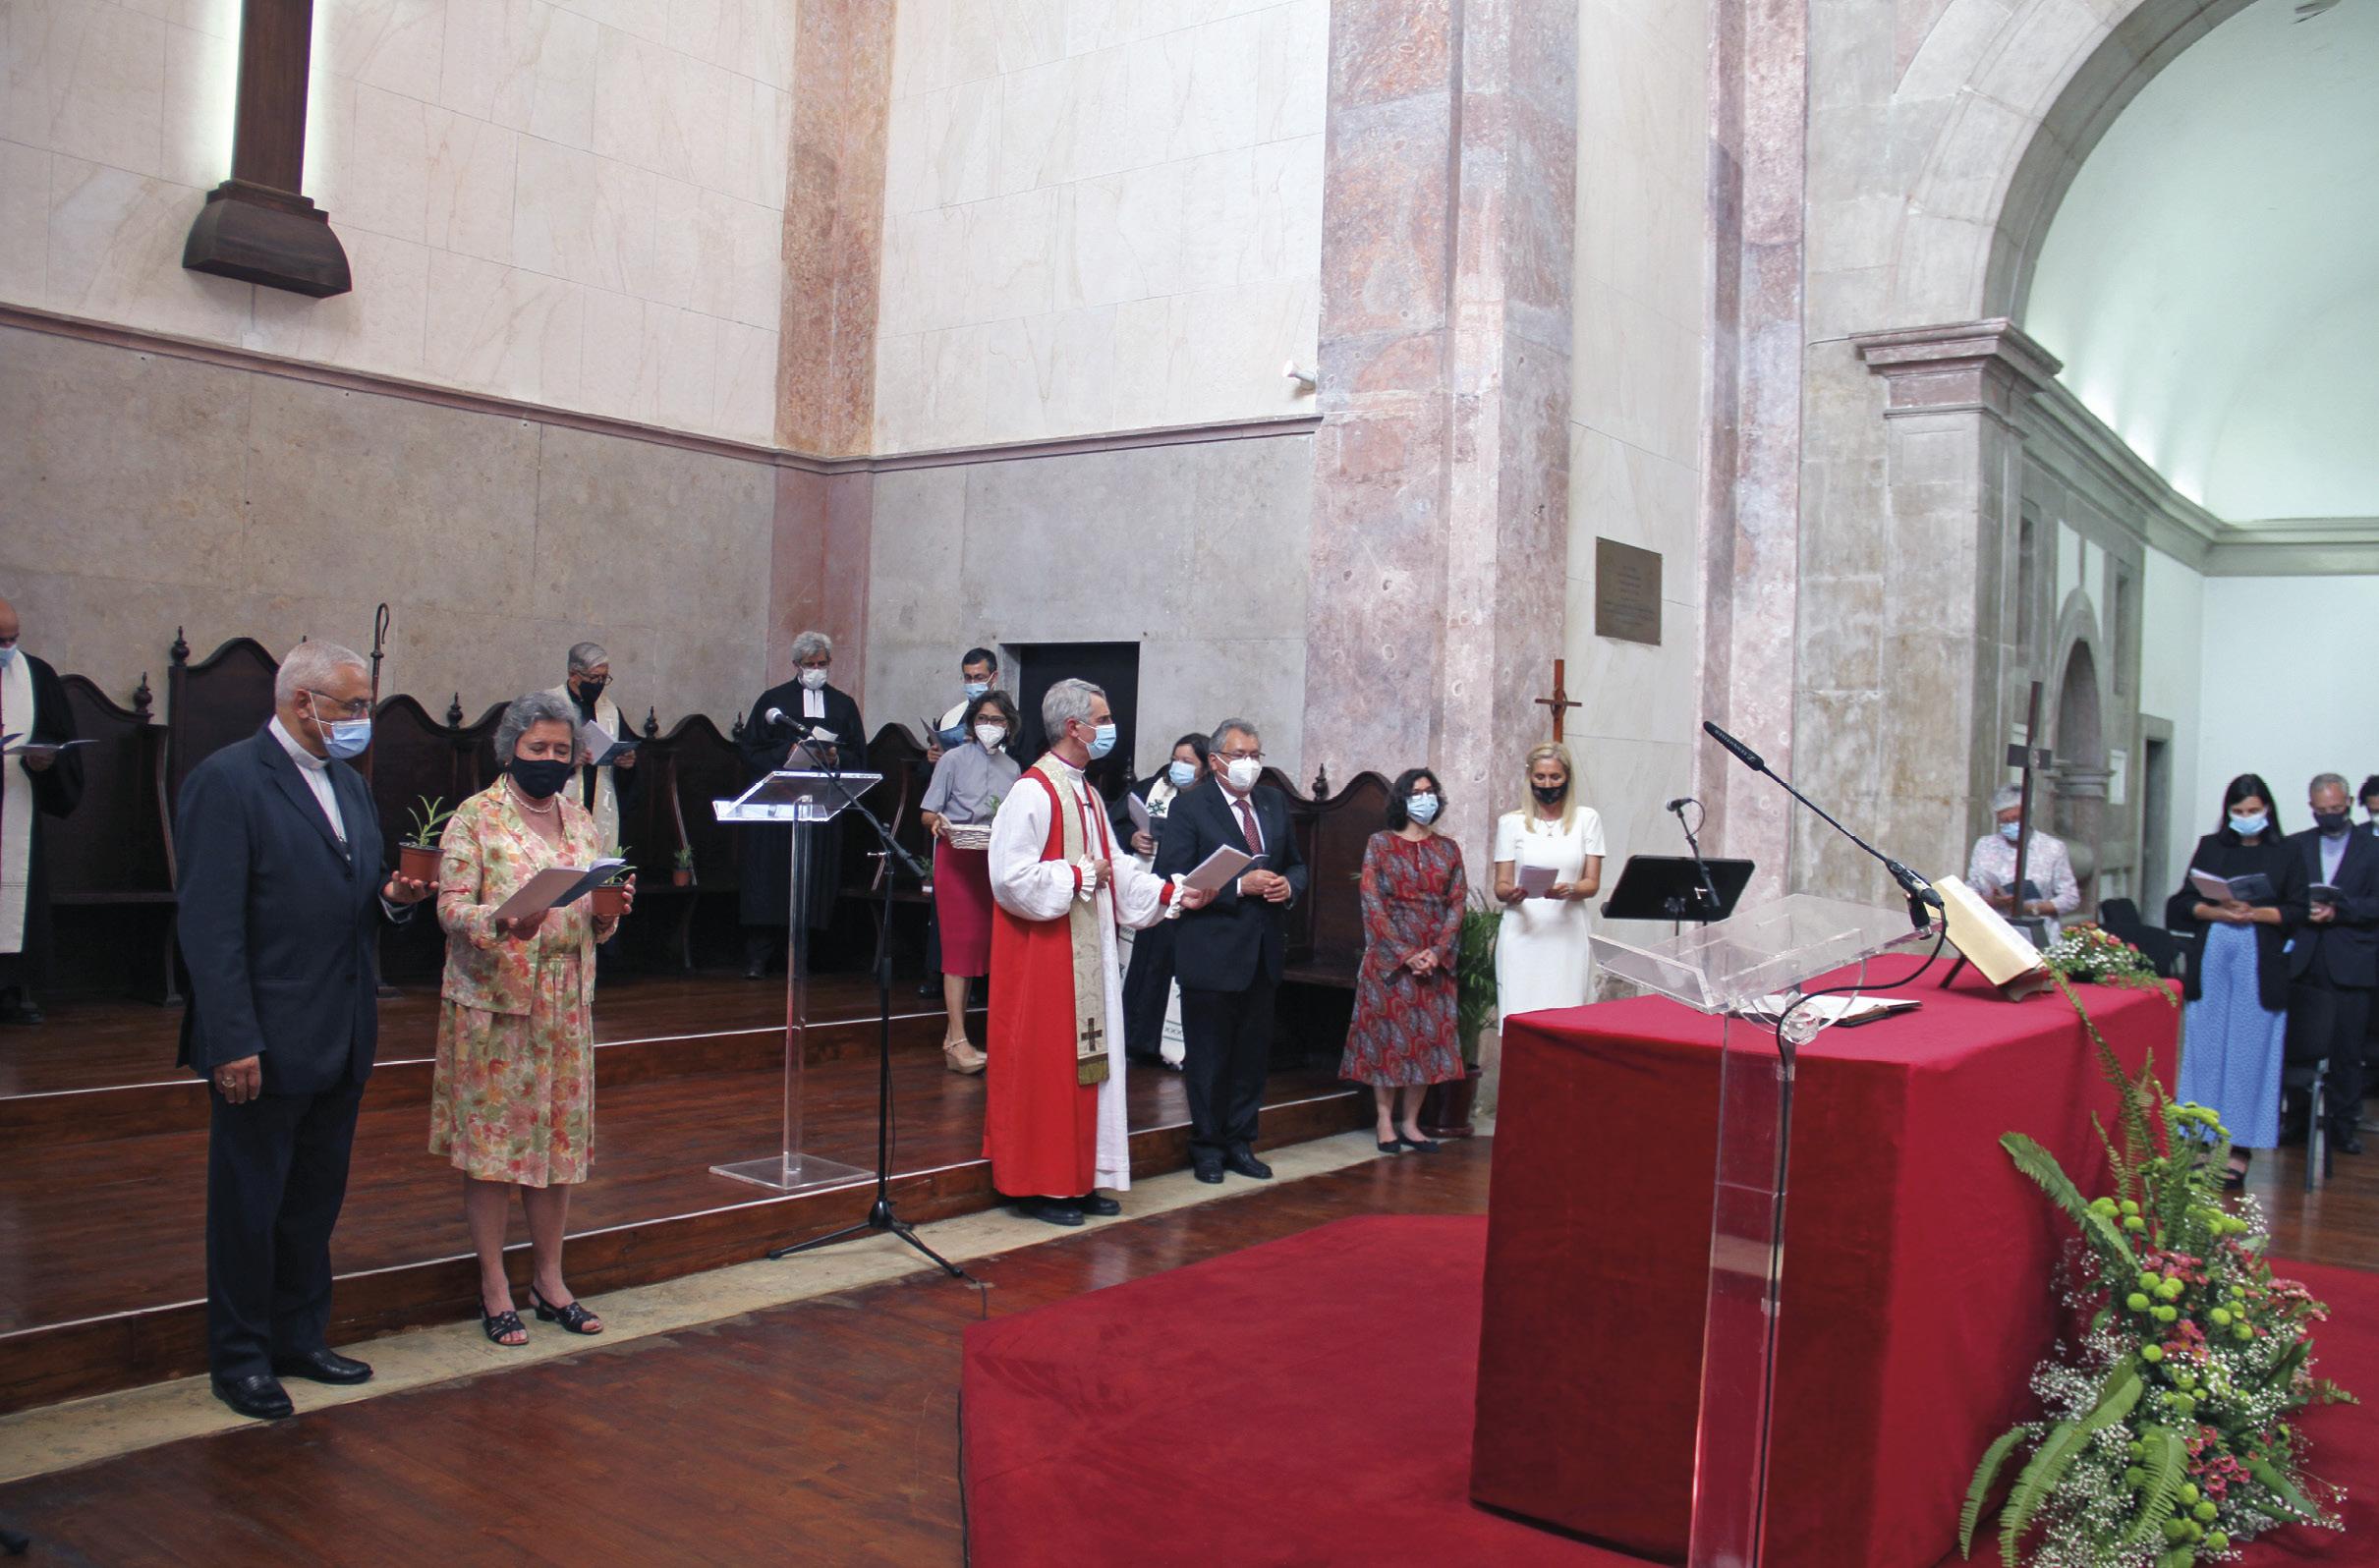 Assinatura do Memorando de Entendimento para o desenvolvimento e concretização do Programa Eco Igrejas Portugal, 12 de junho de 2021. Fotos Agência Ecclesia.